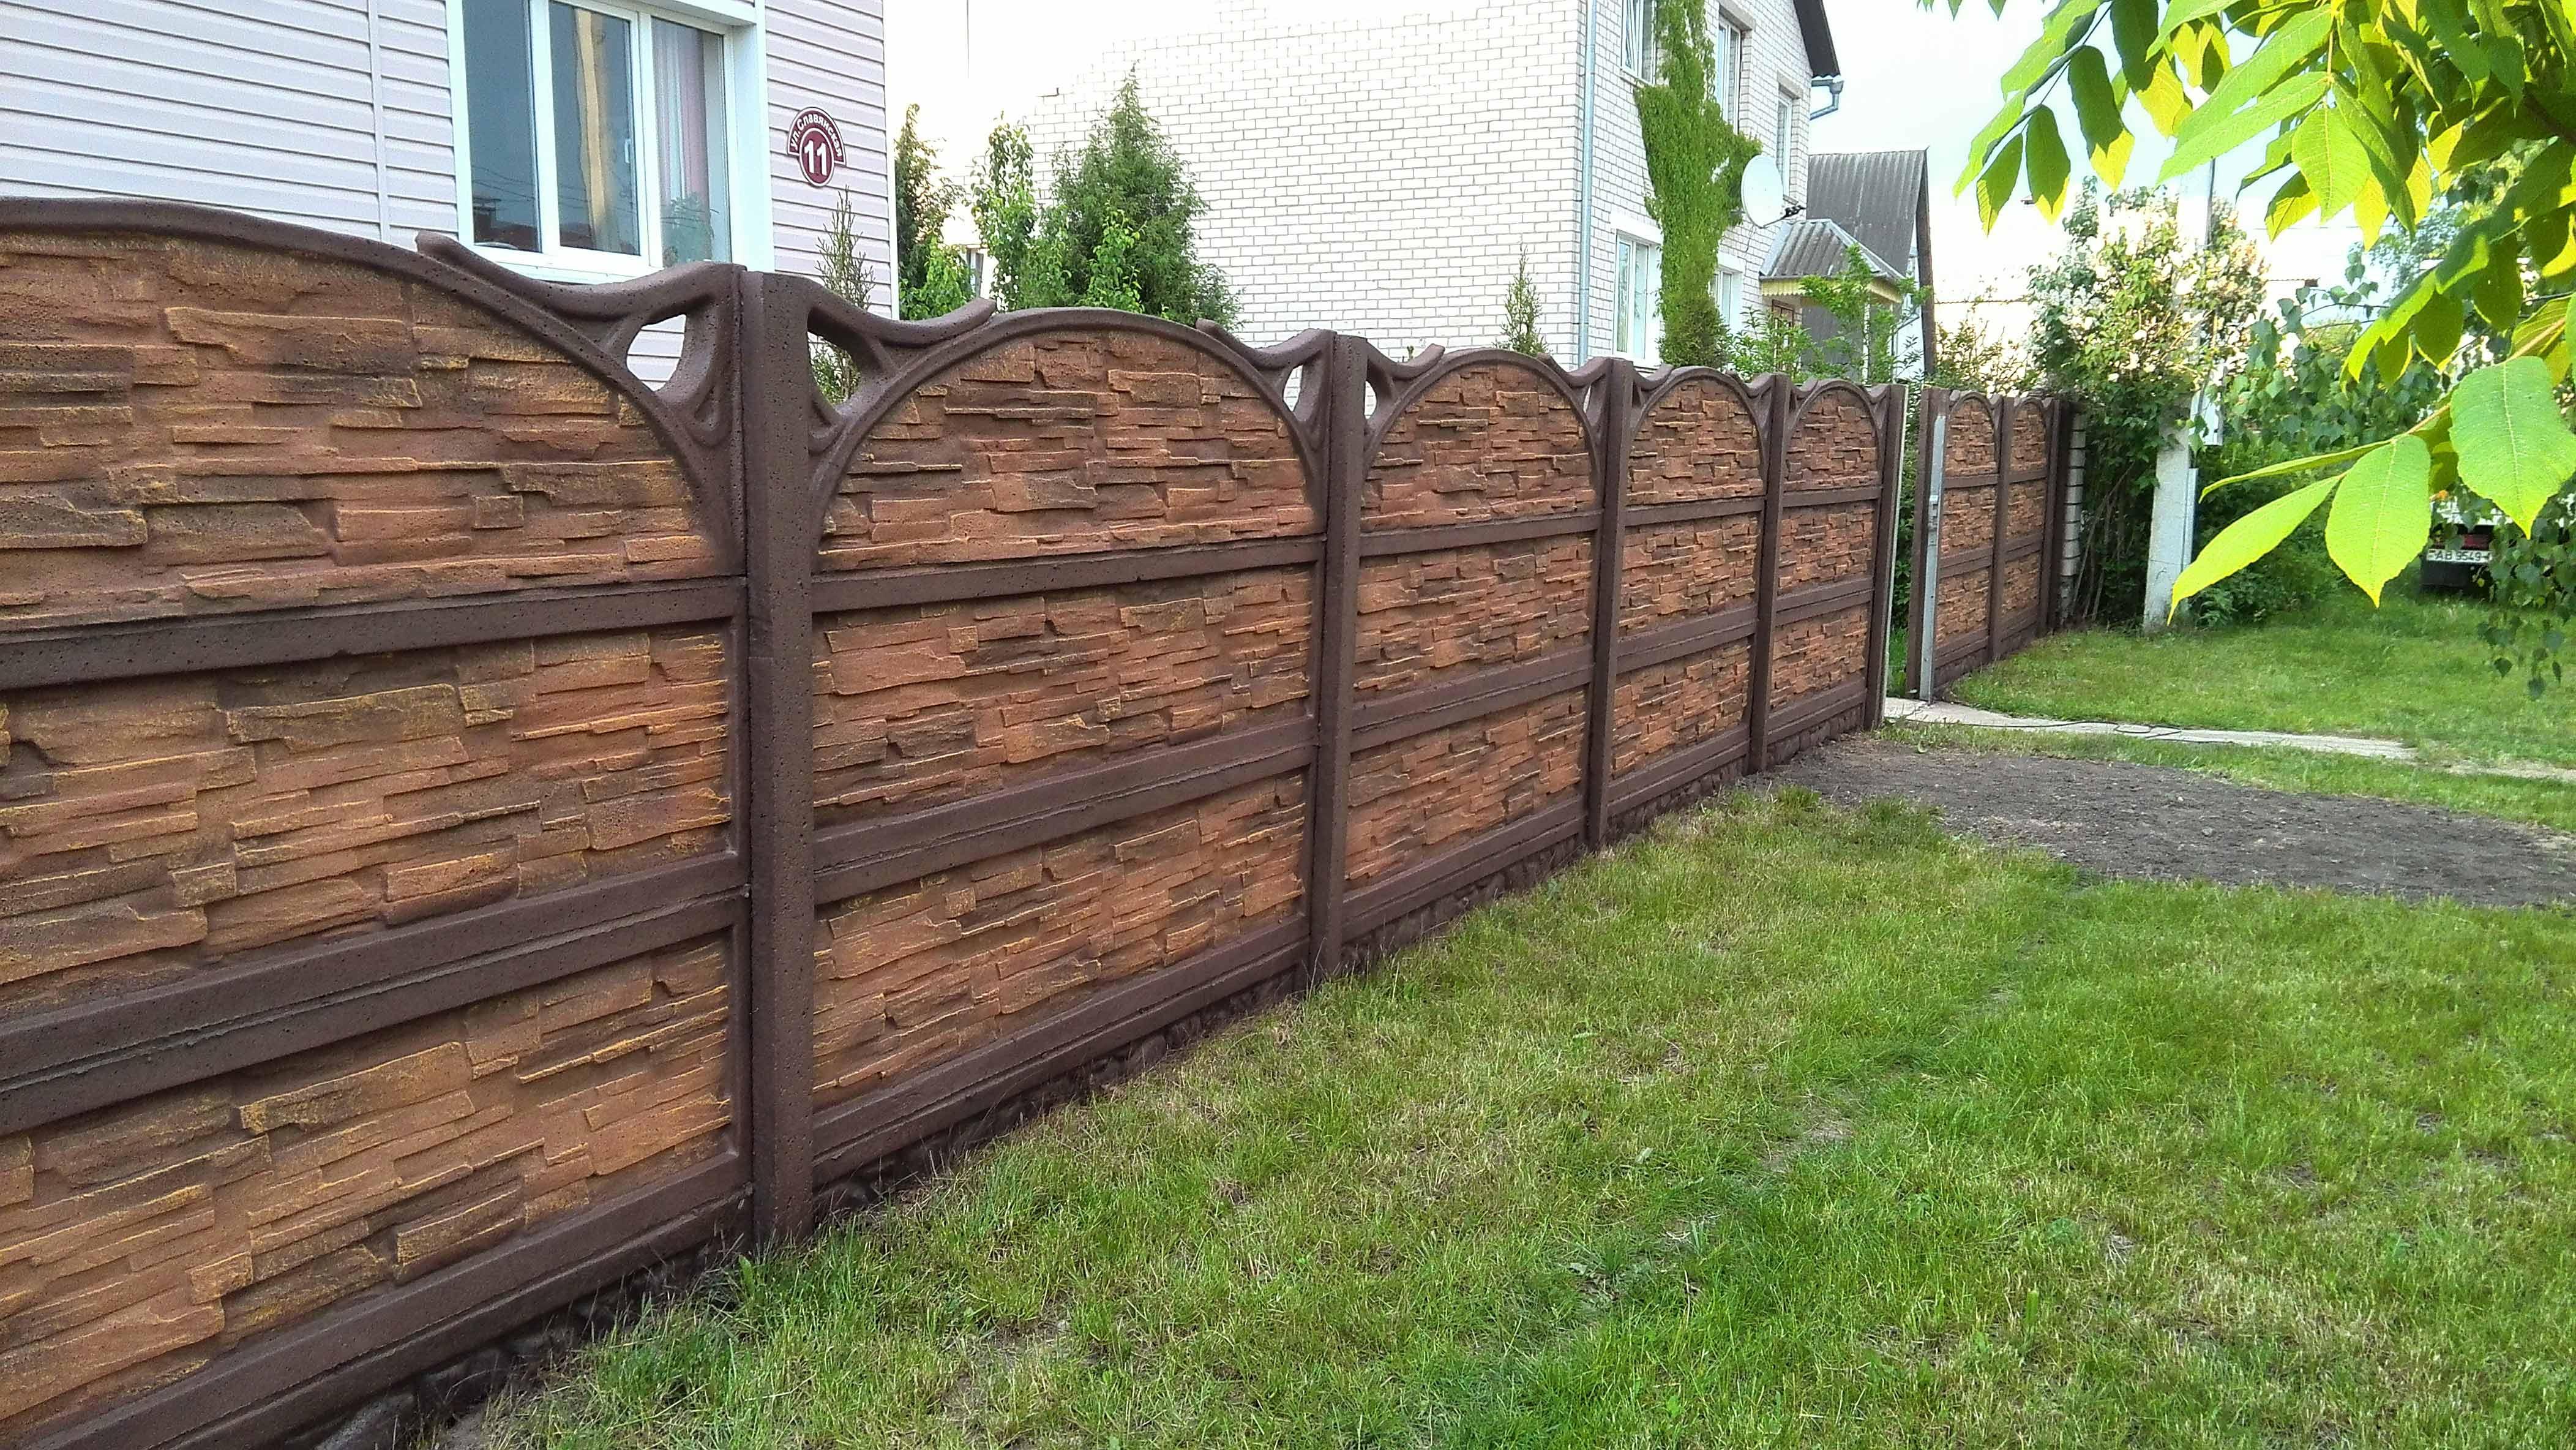 как покрасить забор из бетона фото узнать группы логотипам